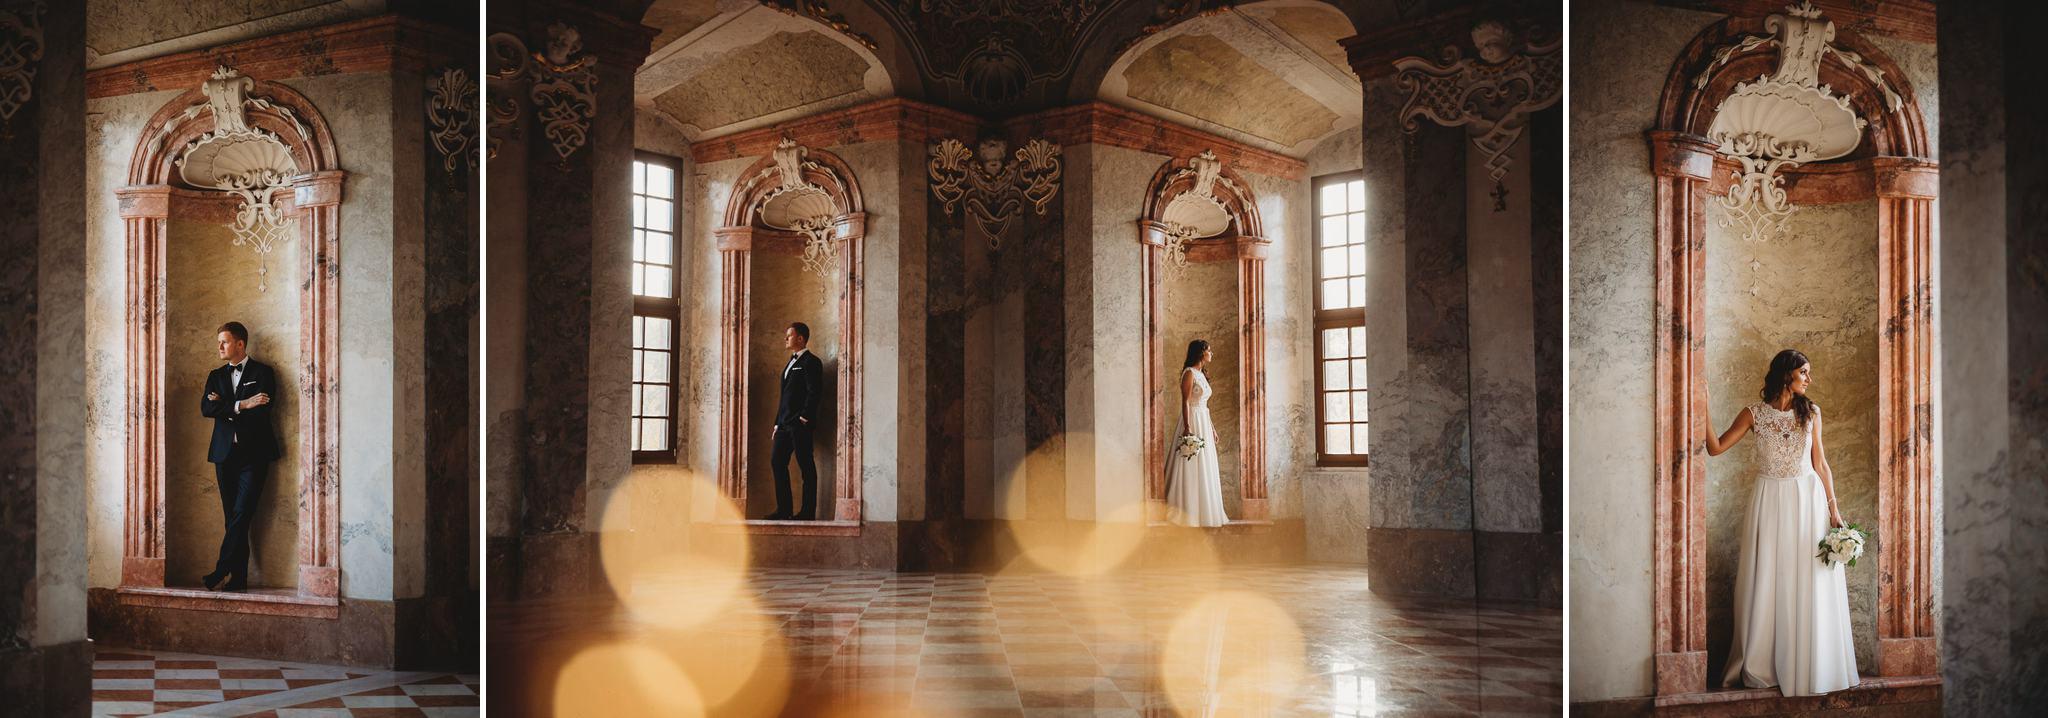 Dorota i Tomasz-wesele Hotel Kristoff Kalisz, sesja ślubna w Lubiążu 453